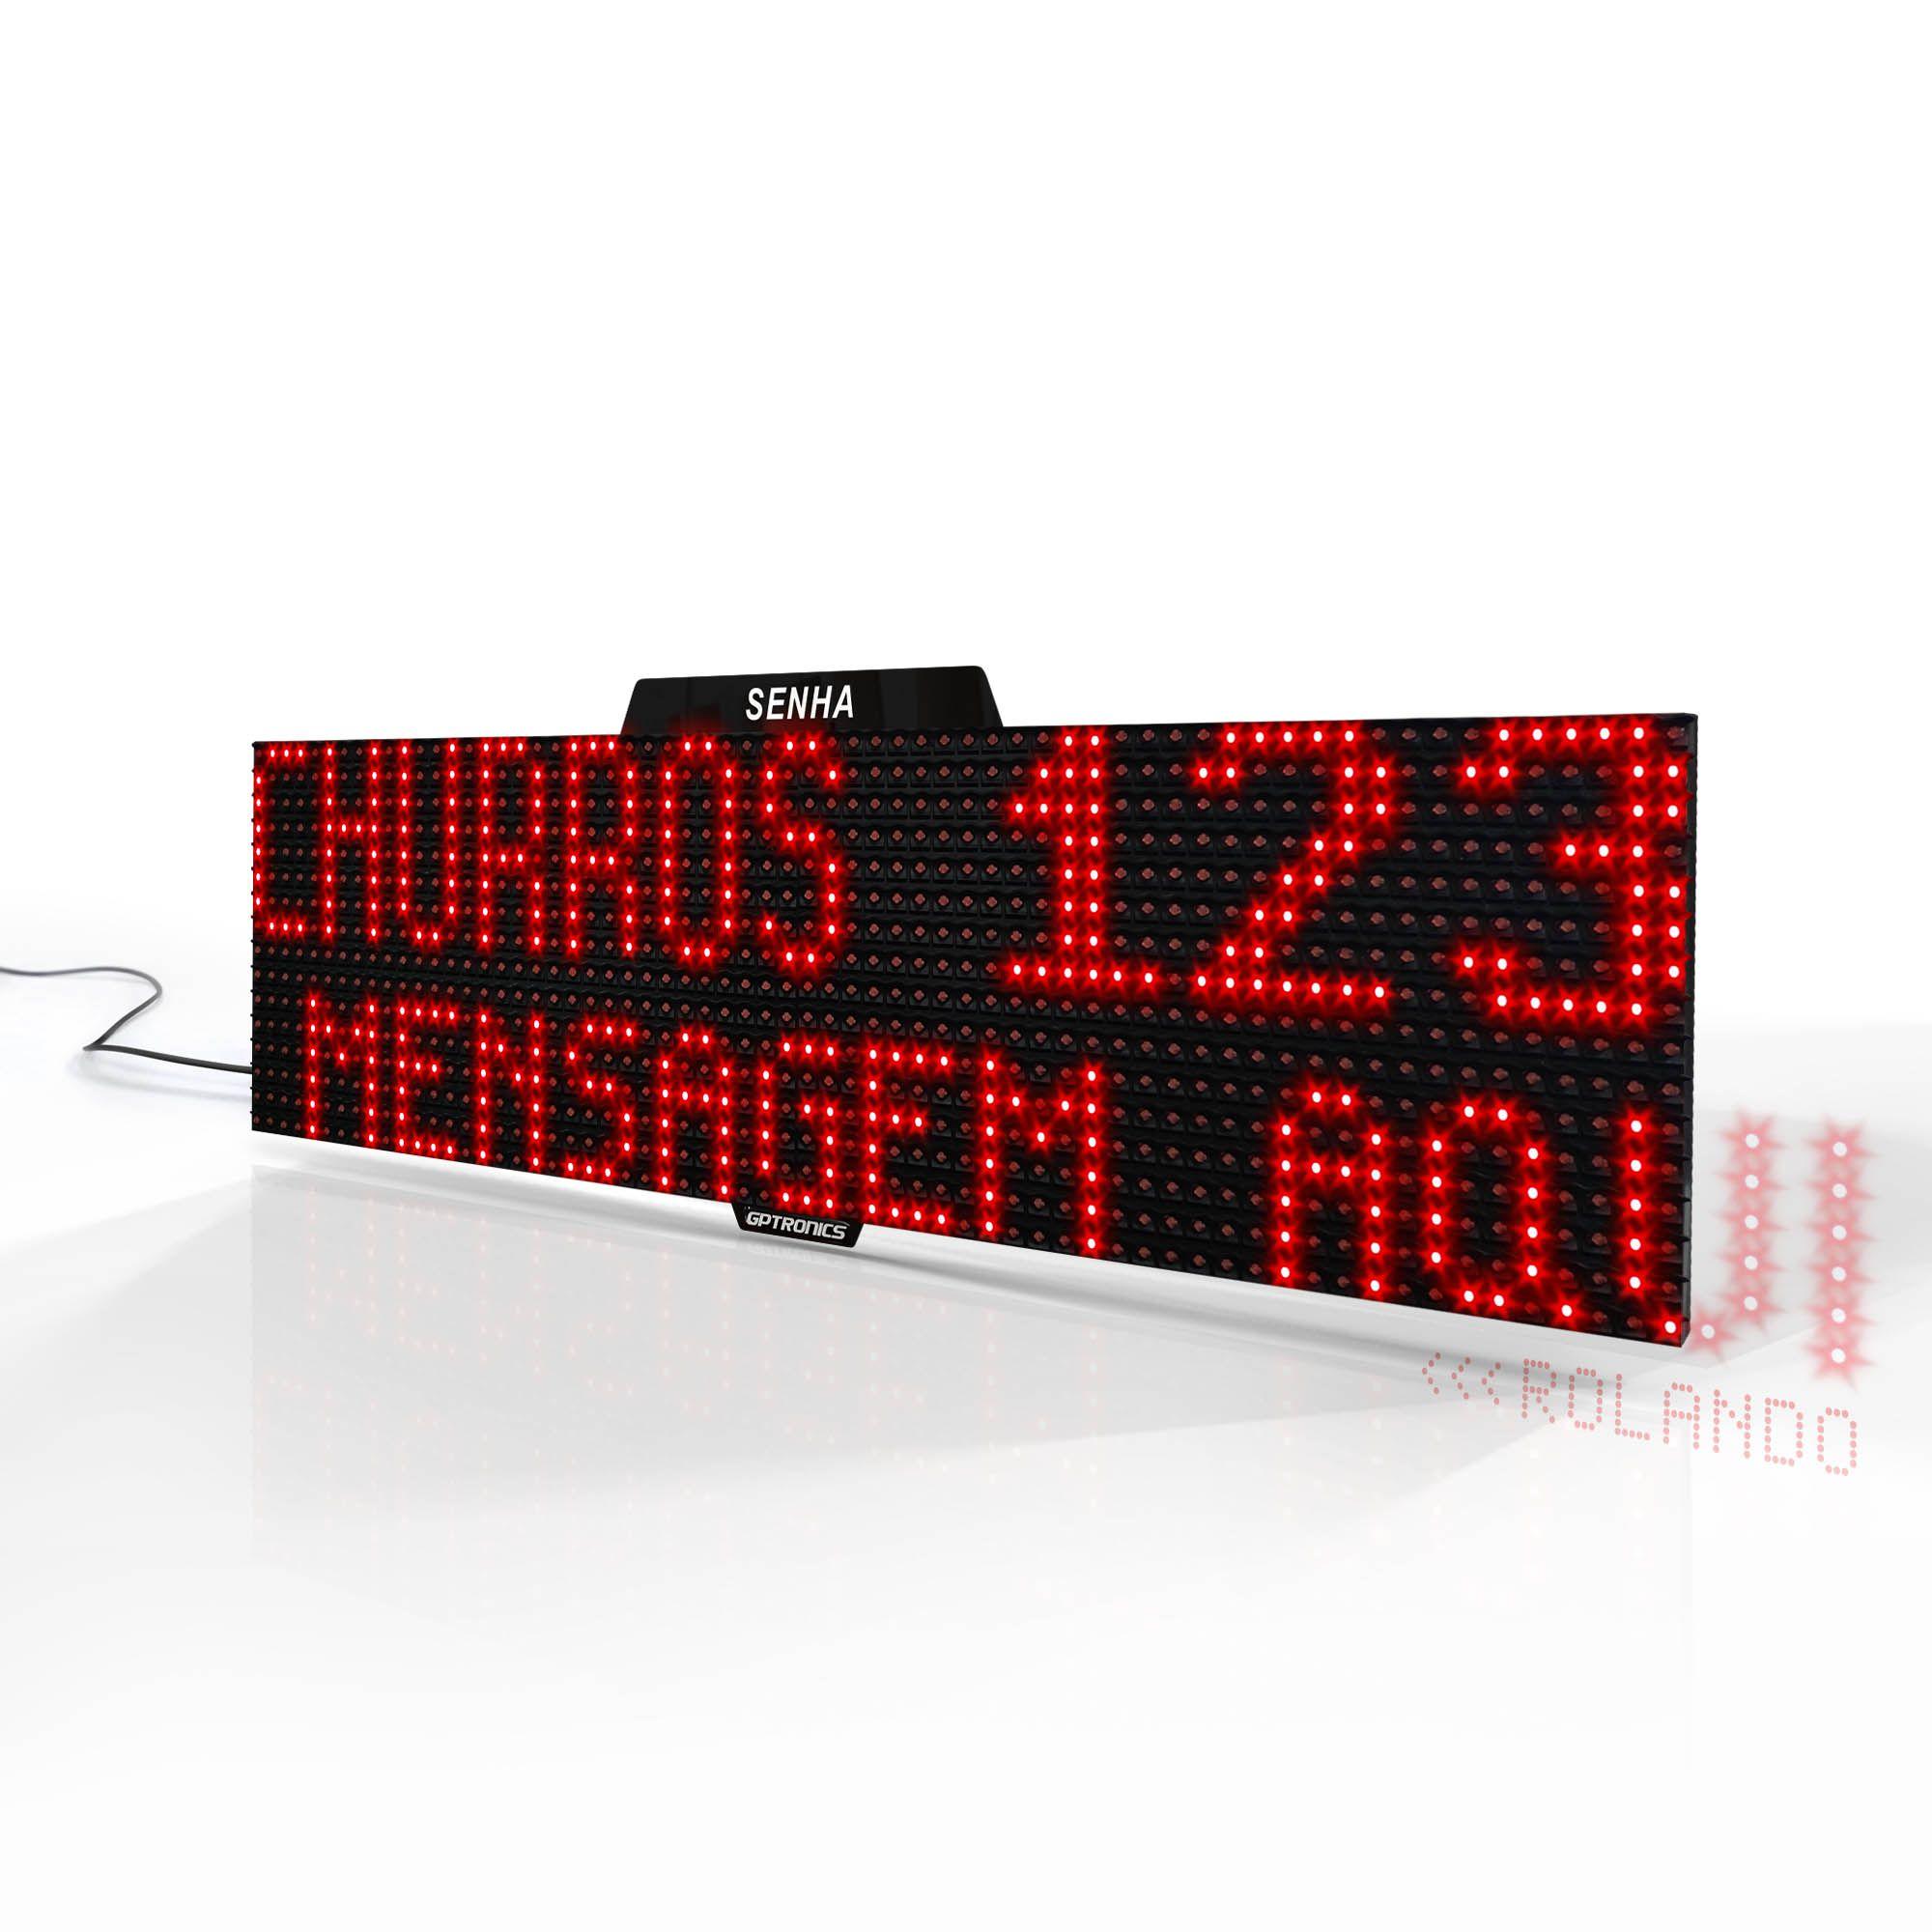 Agilize Full ST - Painel de Senha com Texto e Mensagem - 64x16x4cm